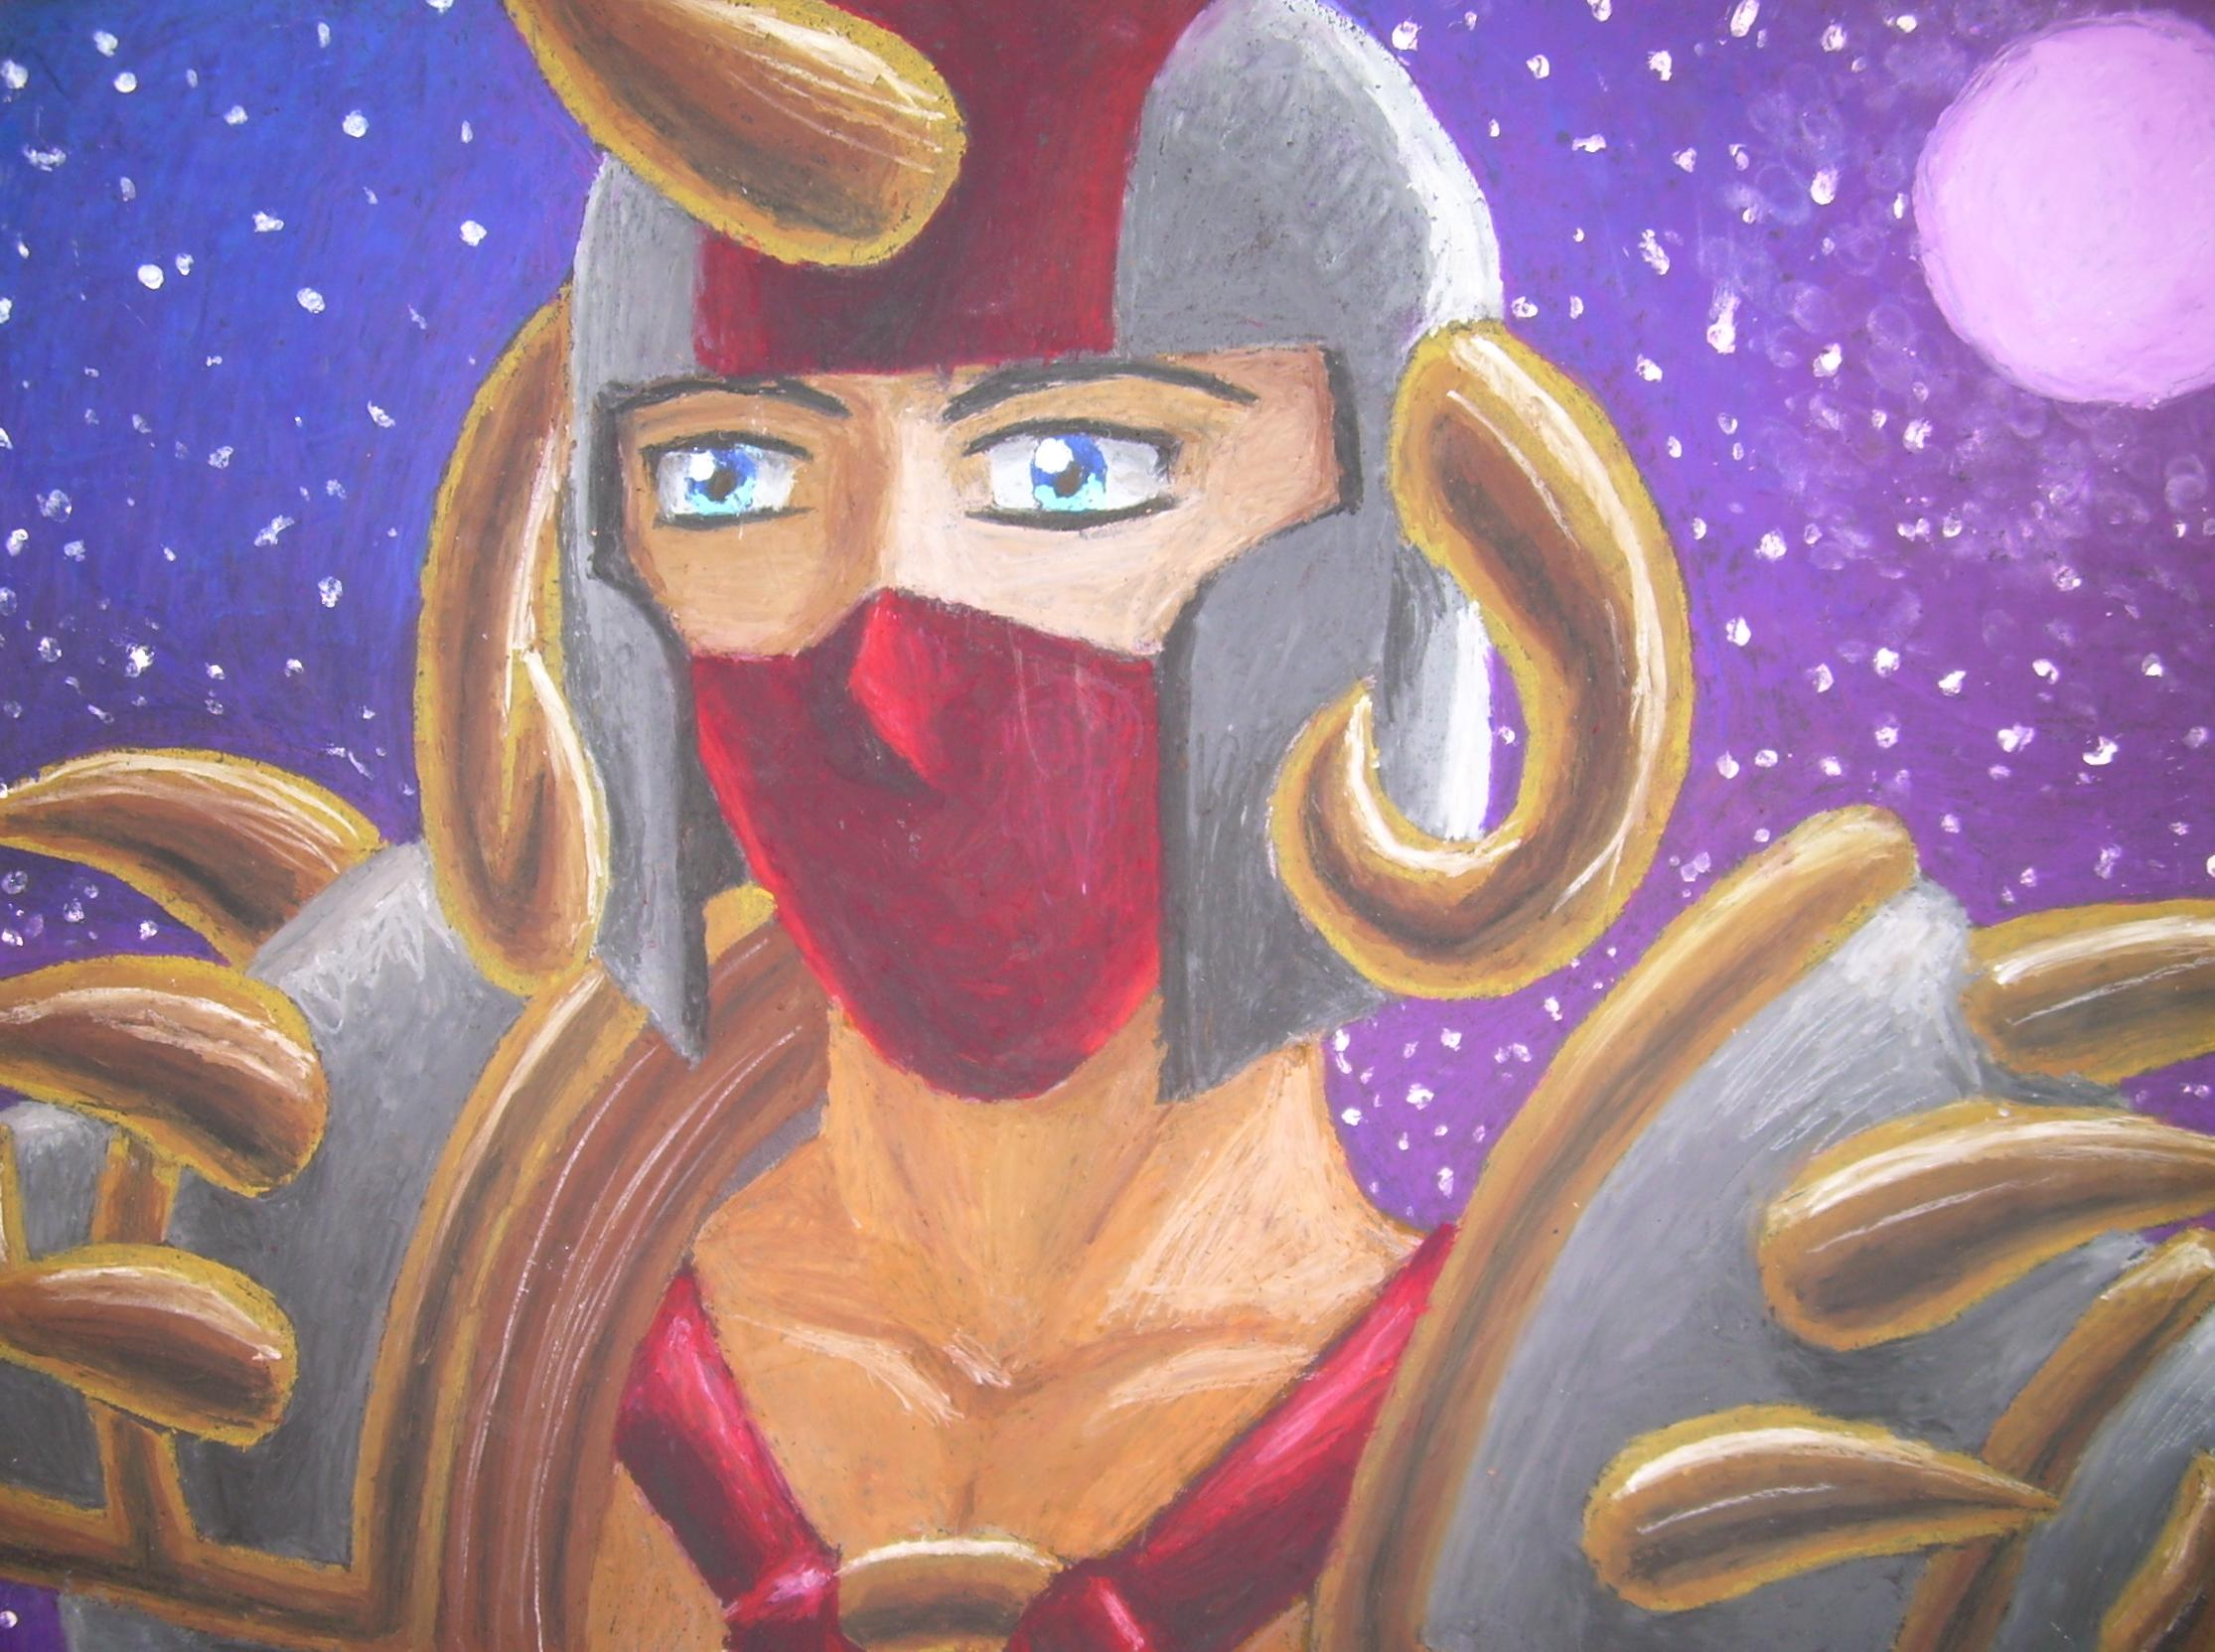 Runescape Bandos Guy